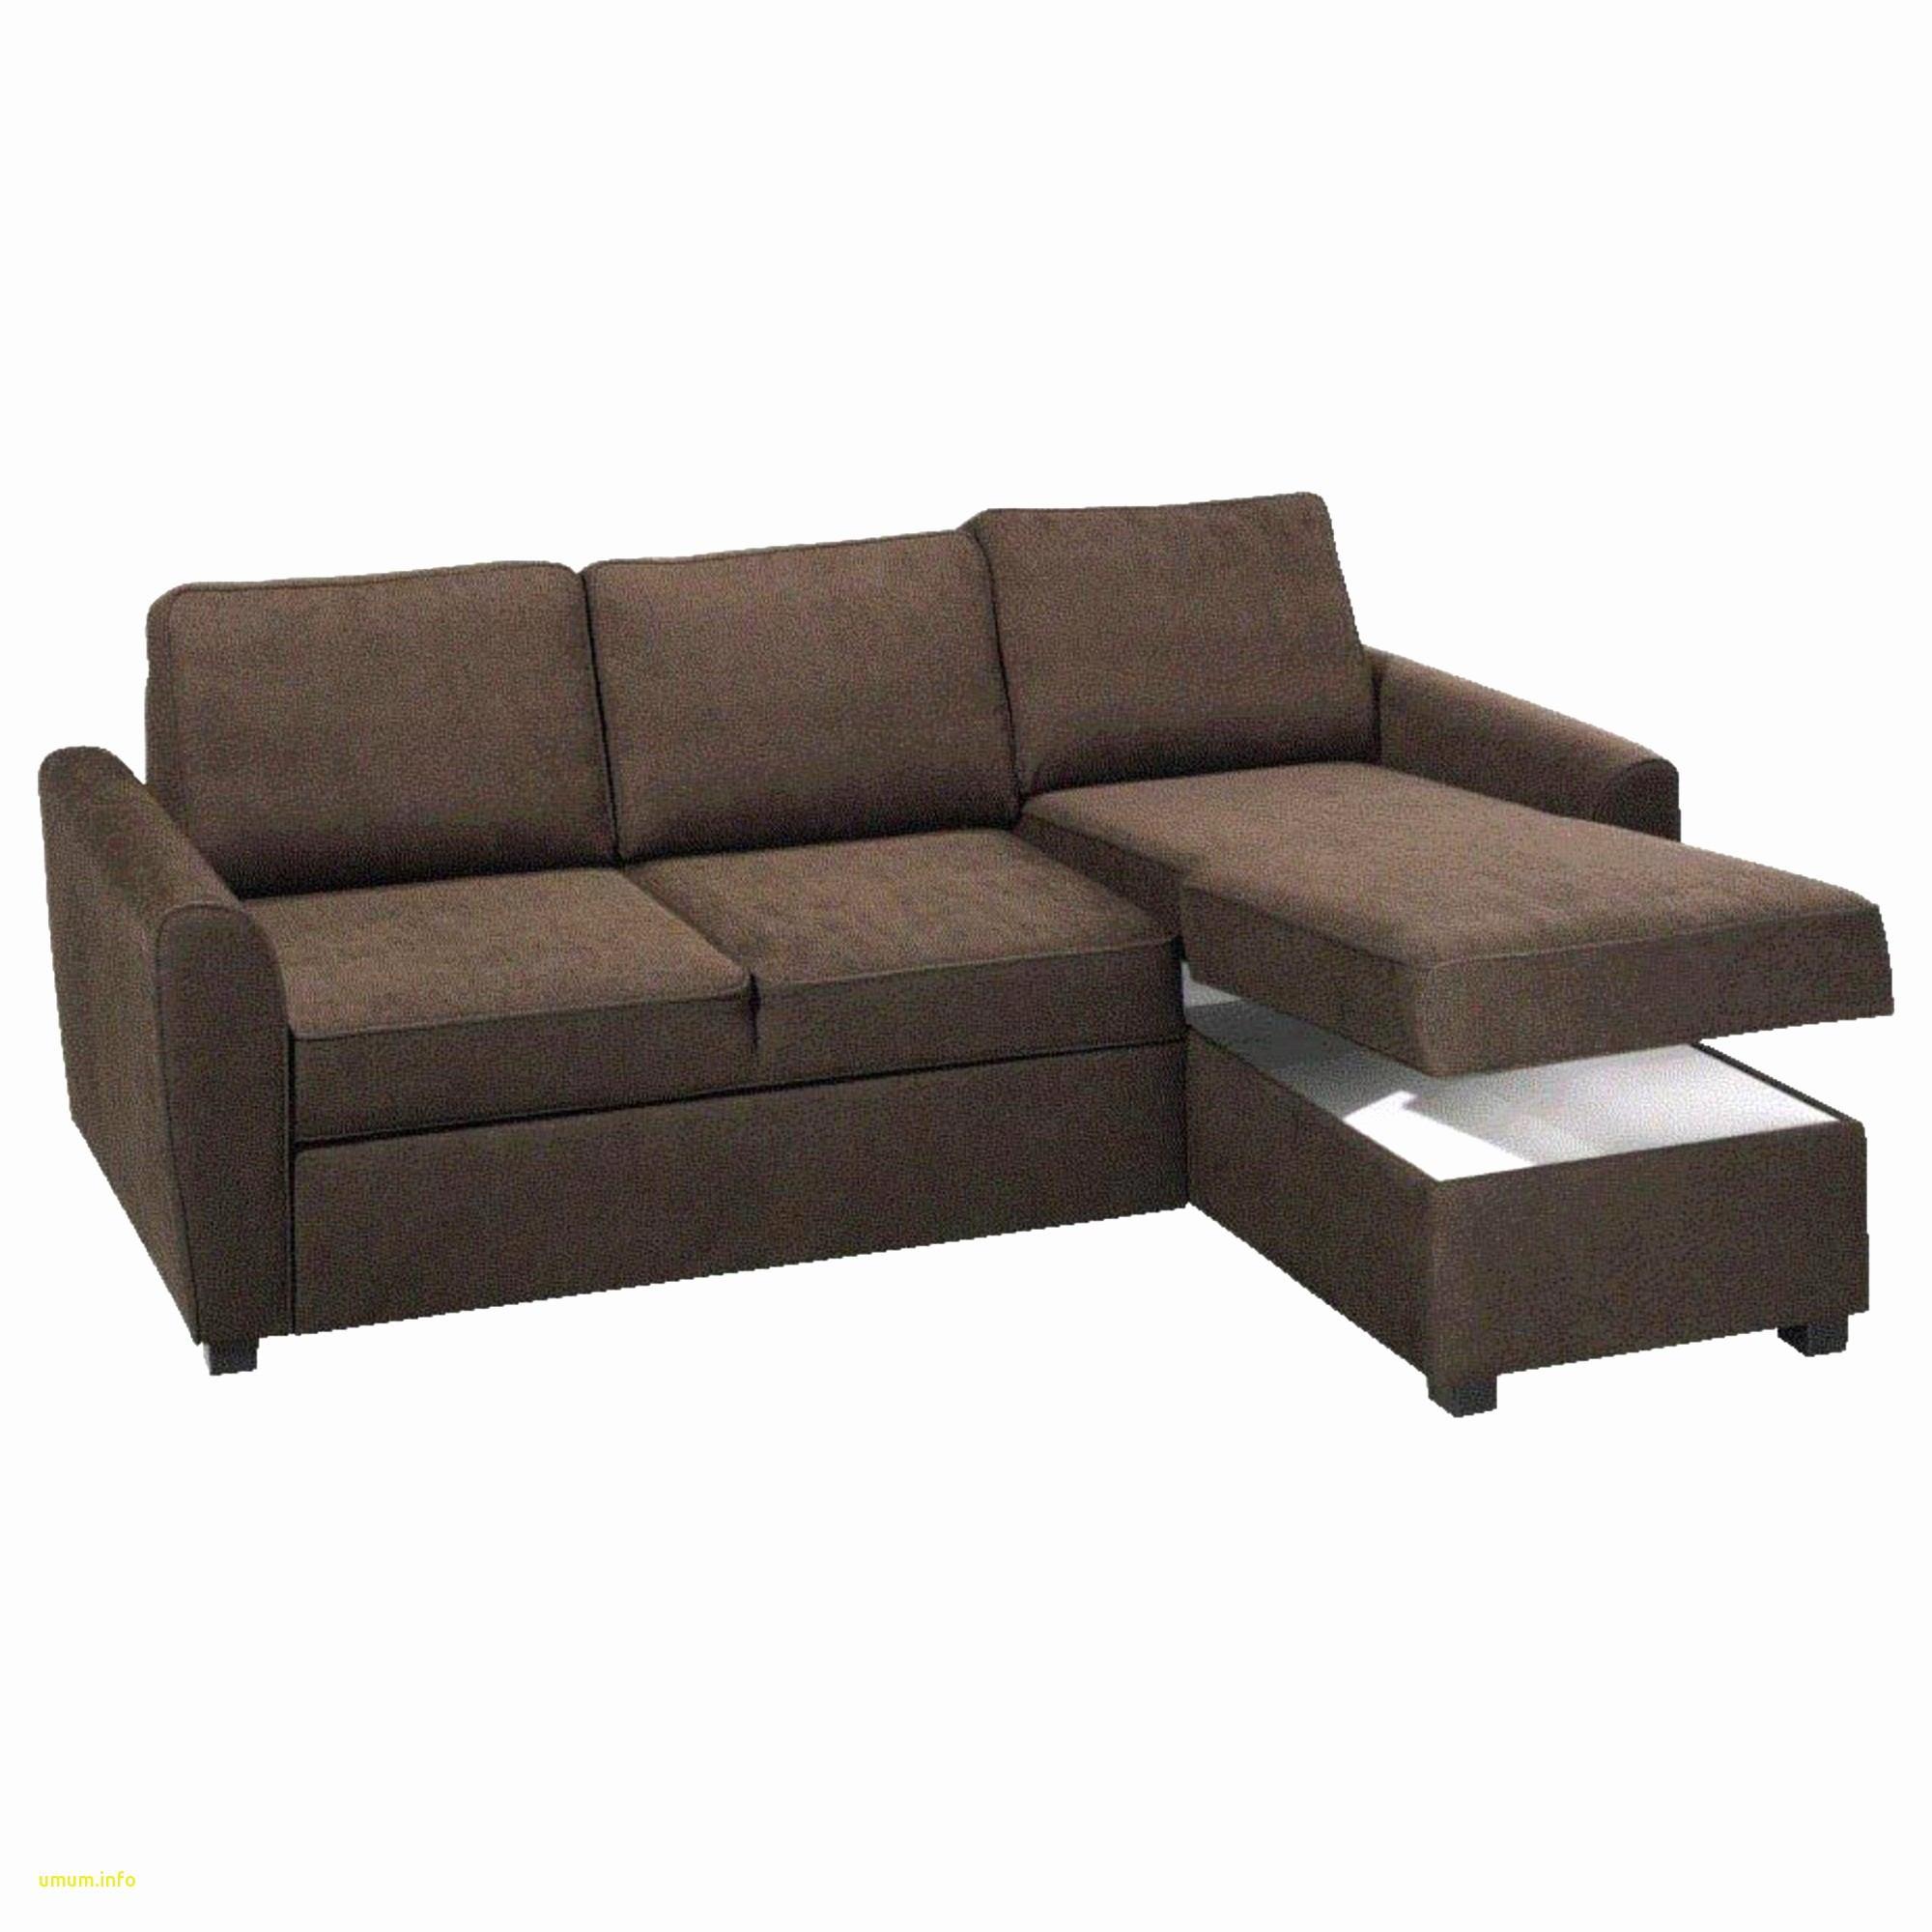 Canapé Angle Cuir Buffle Impressionnant Stock Meilleur De Canapé Cuir Confortable Décor  La Maison Et Intérieur